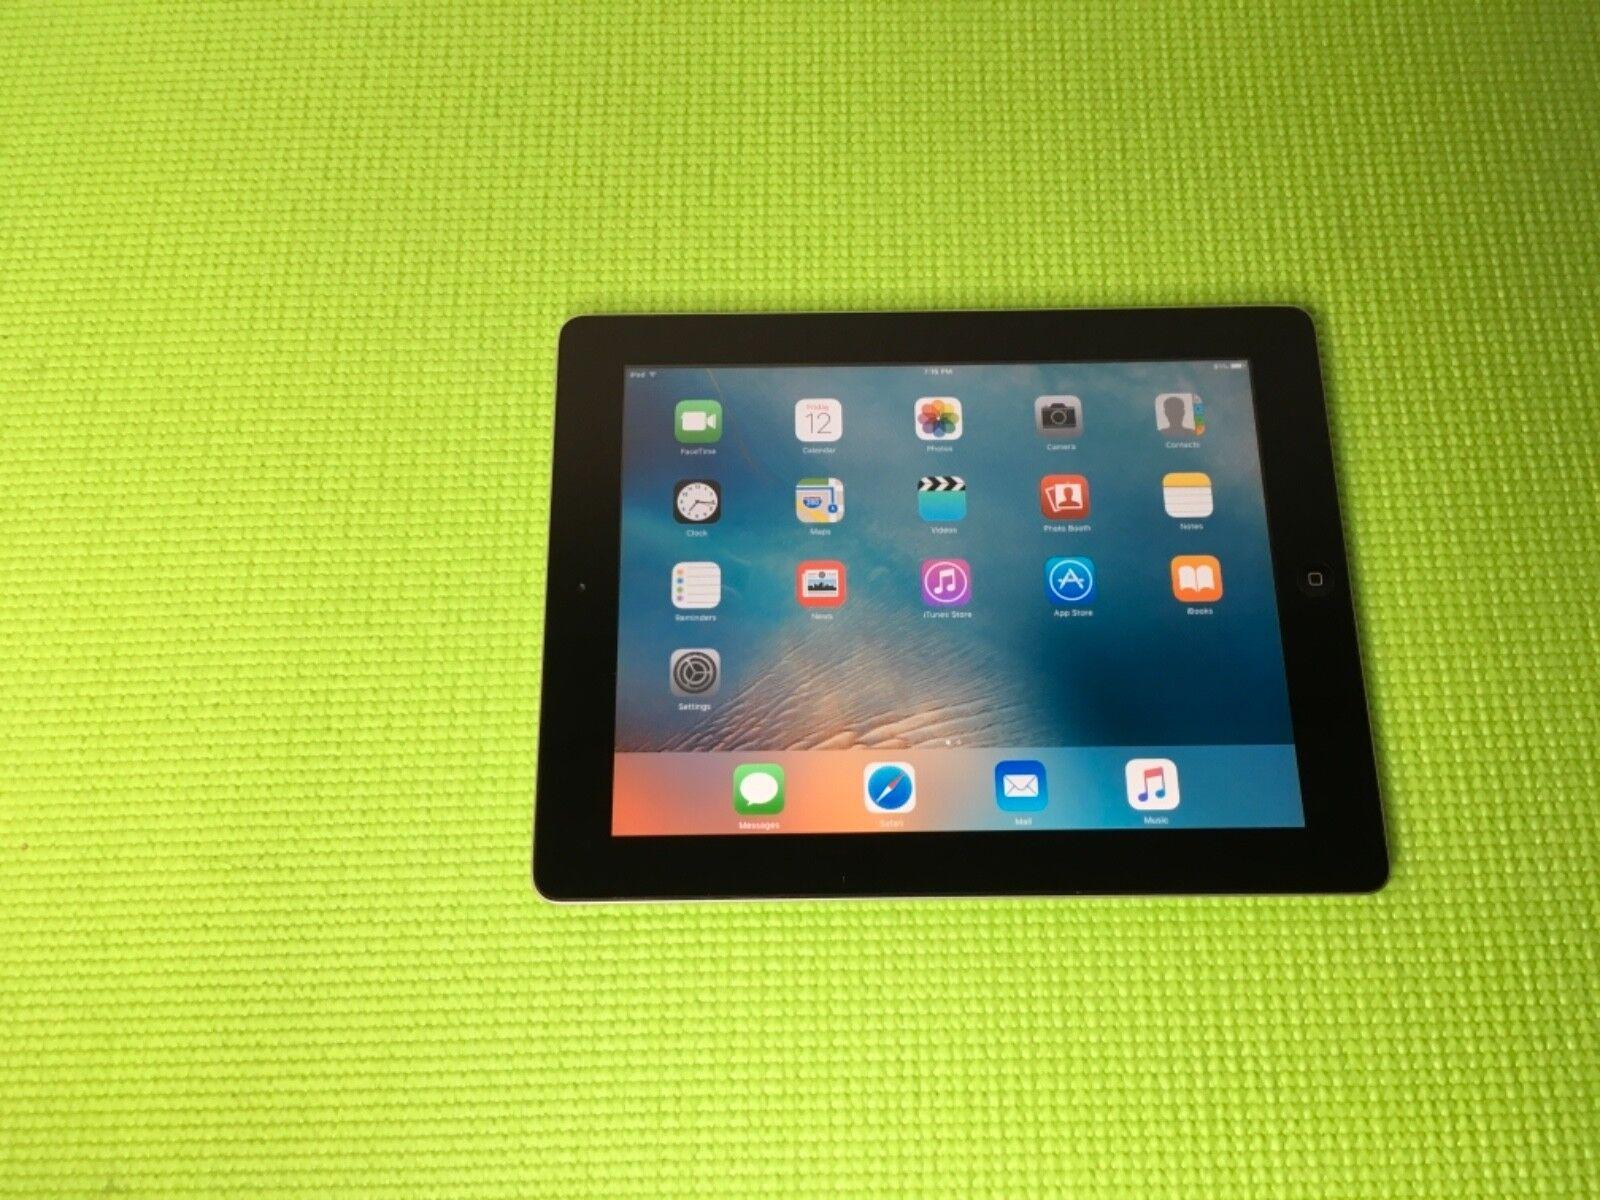 Apple iPad 2 16GB, Wi-Fi, 9.7in - Black Grade D